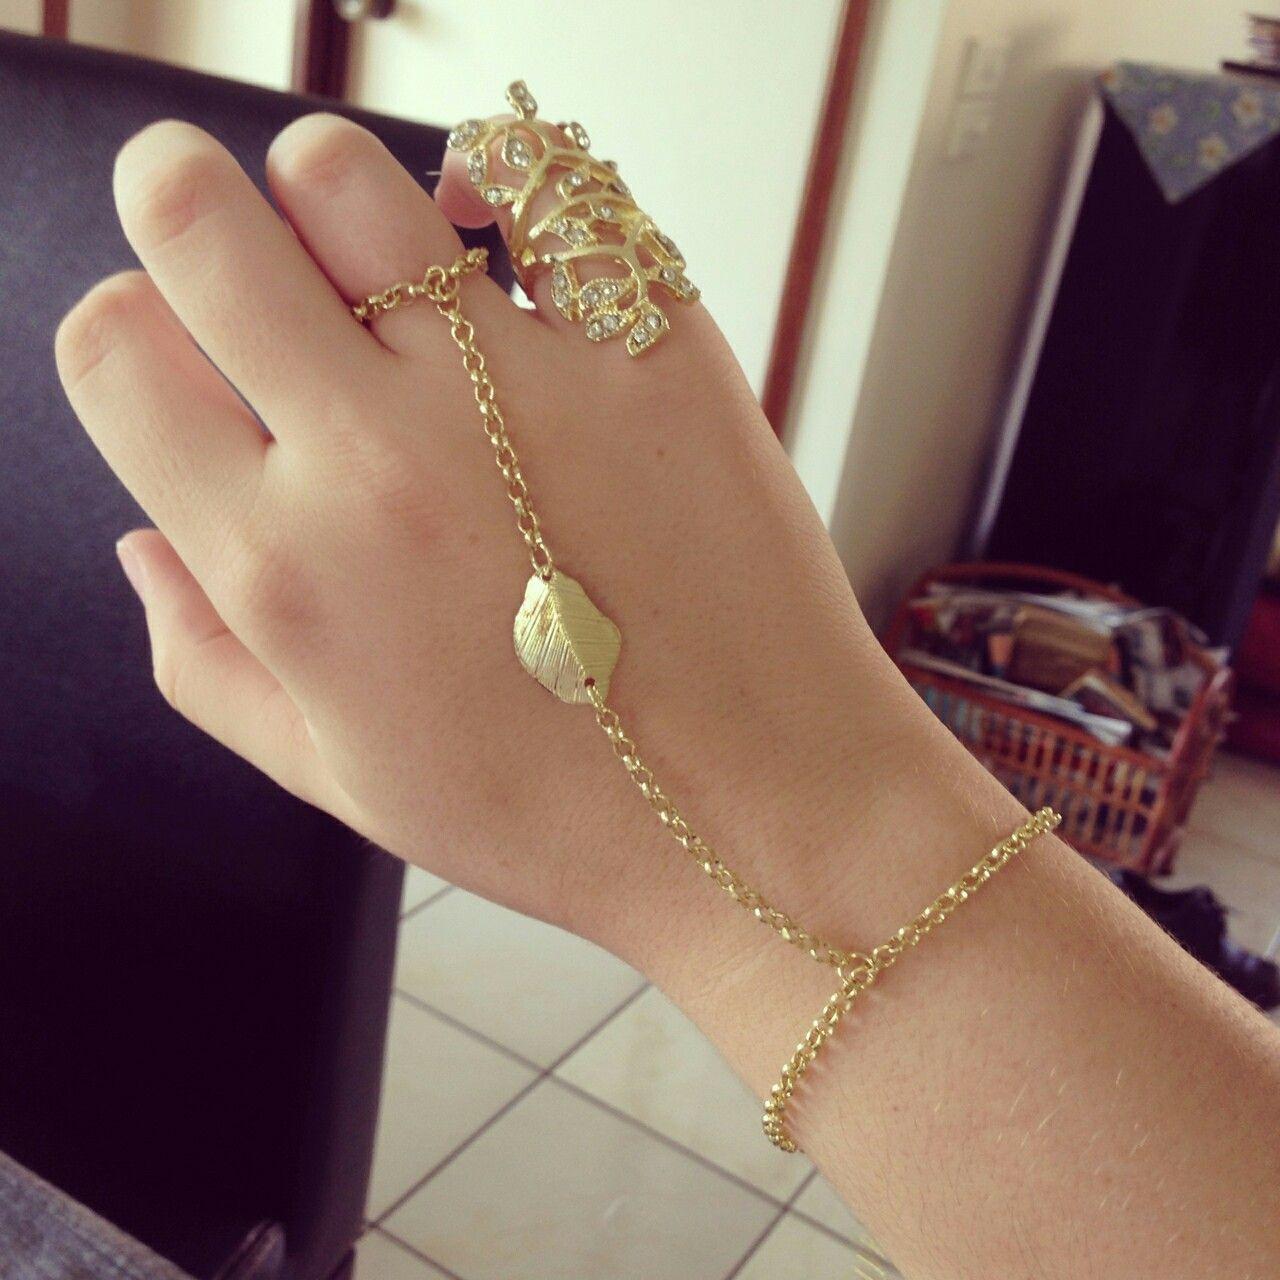 Pin by khan👑 Farheen on girlz dp | Pinterest | Beautiful hands ...